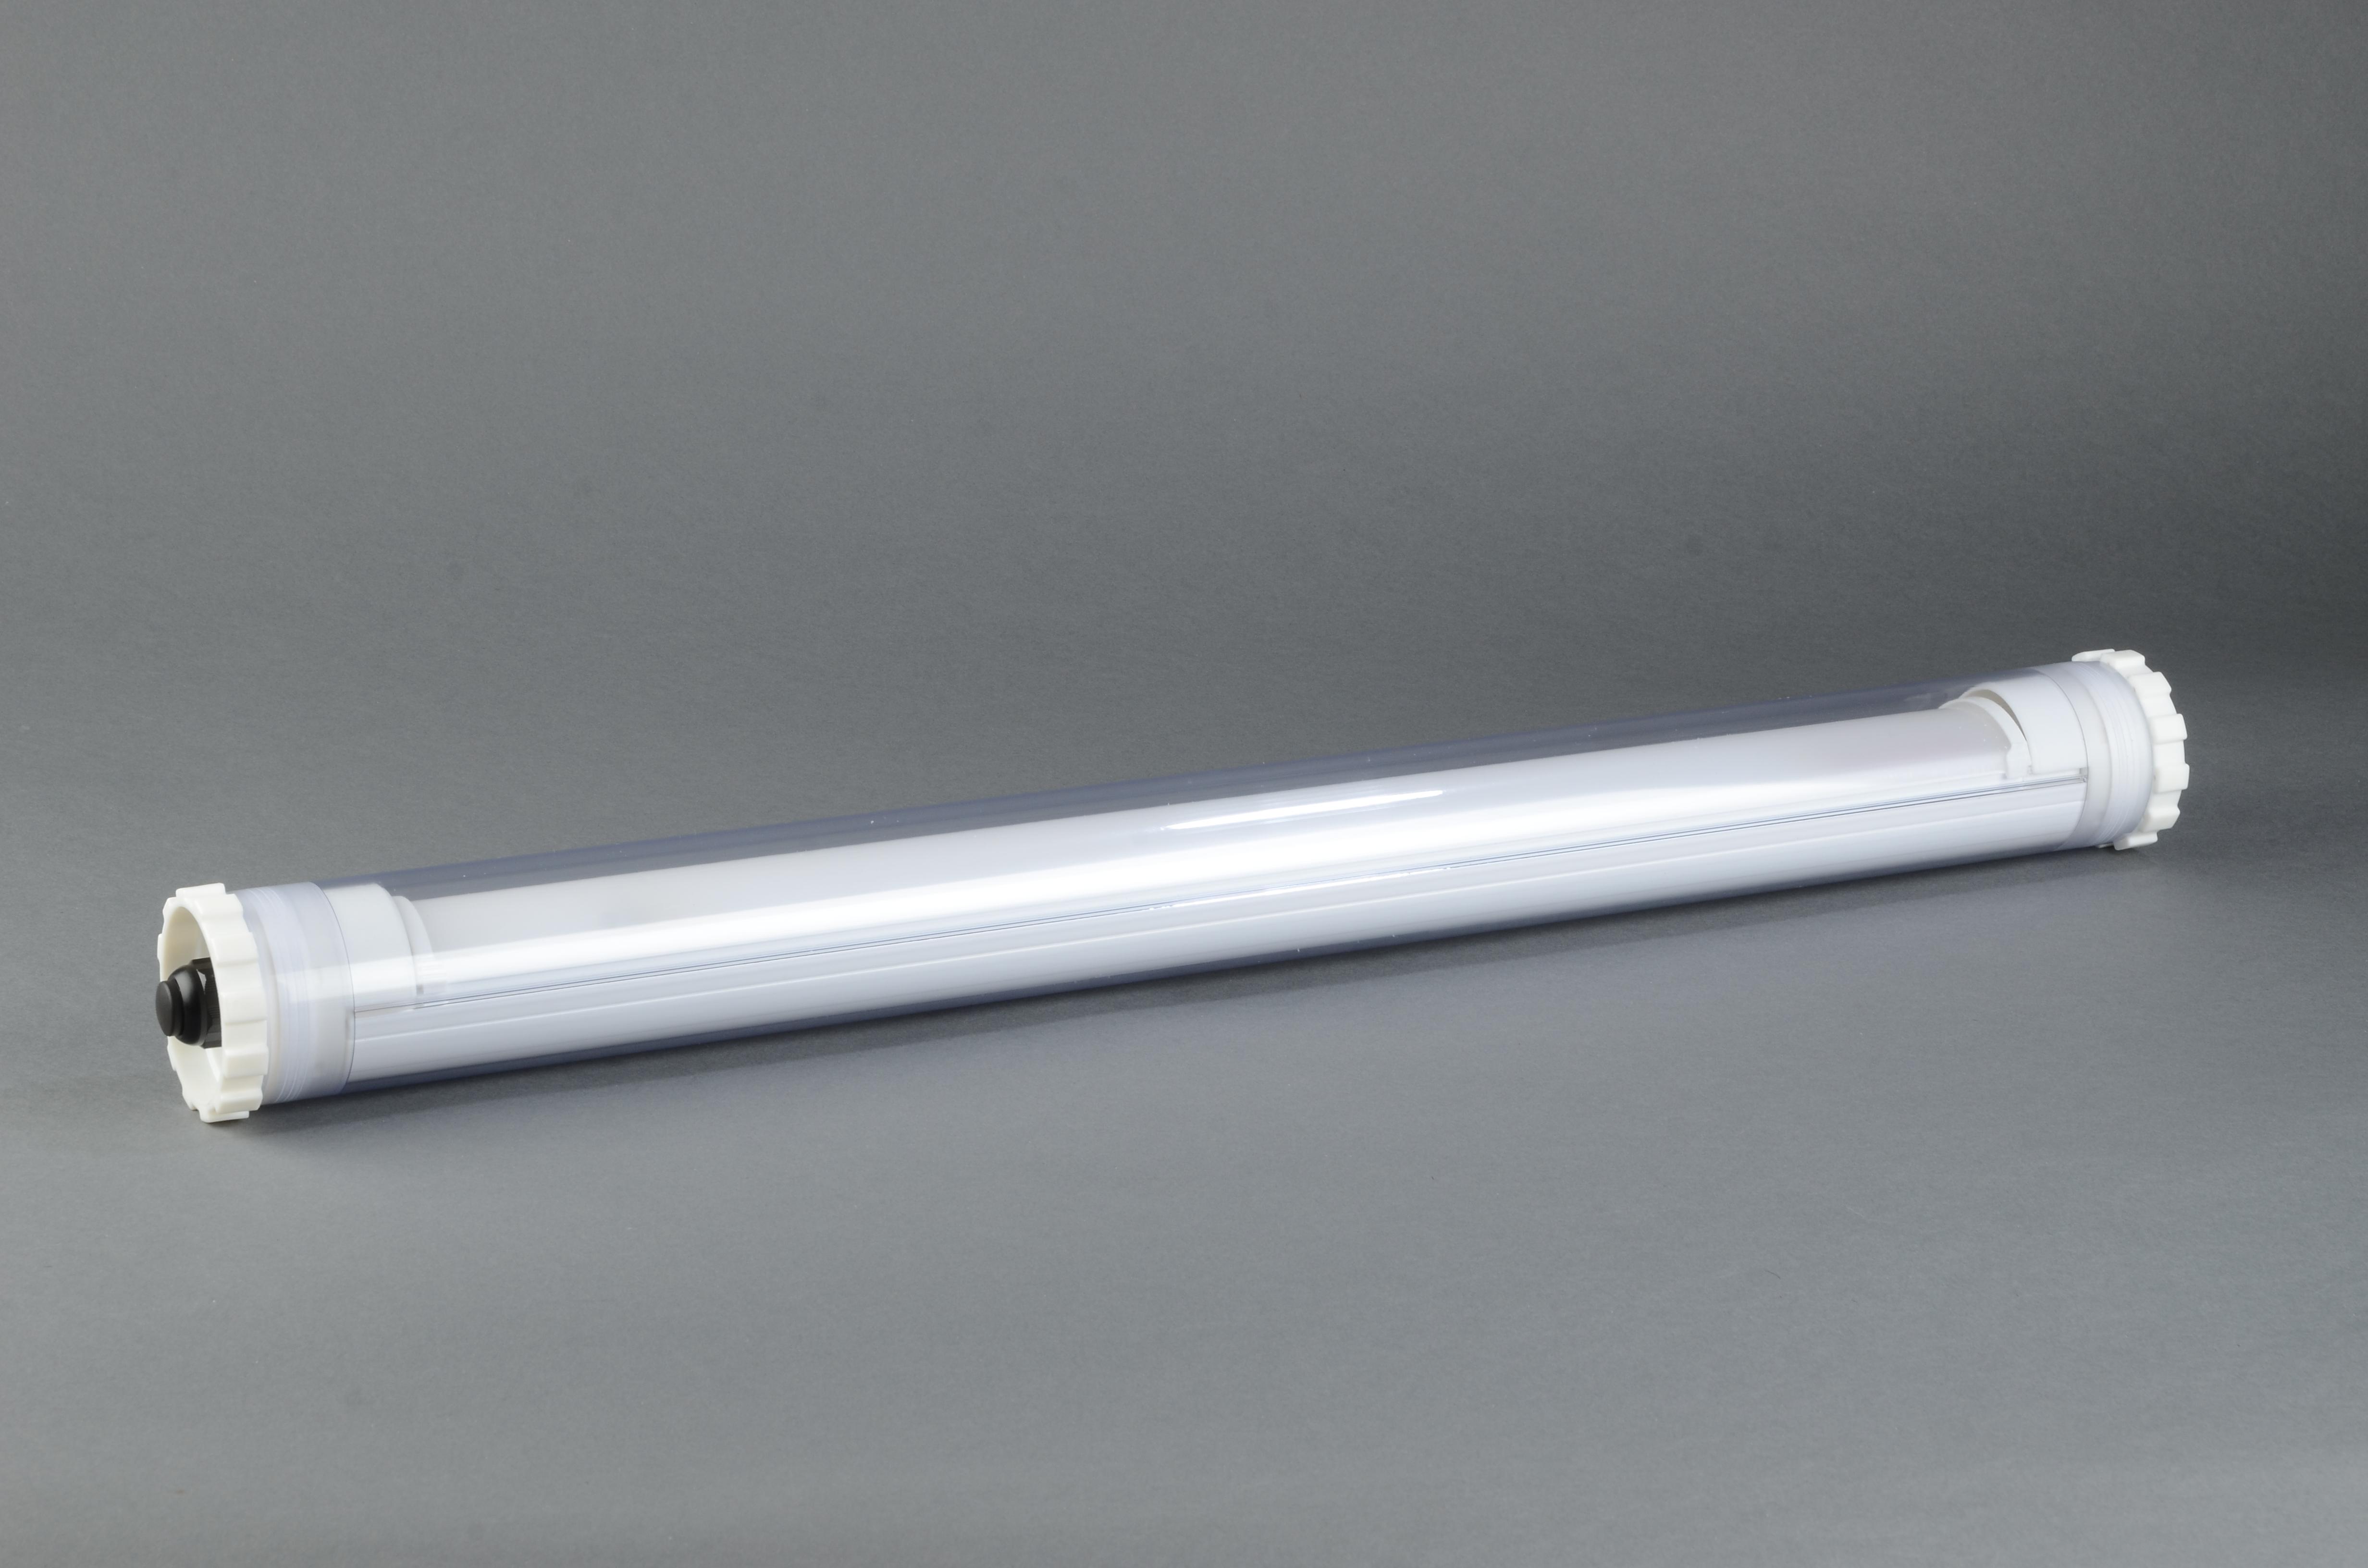 Serie 32: 13 Watt/ 220-240 Volt / 397 mm/ 4000K